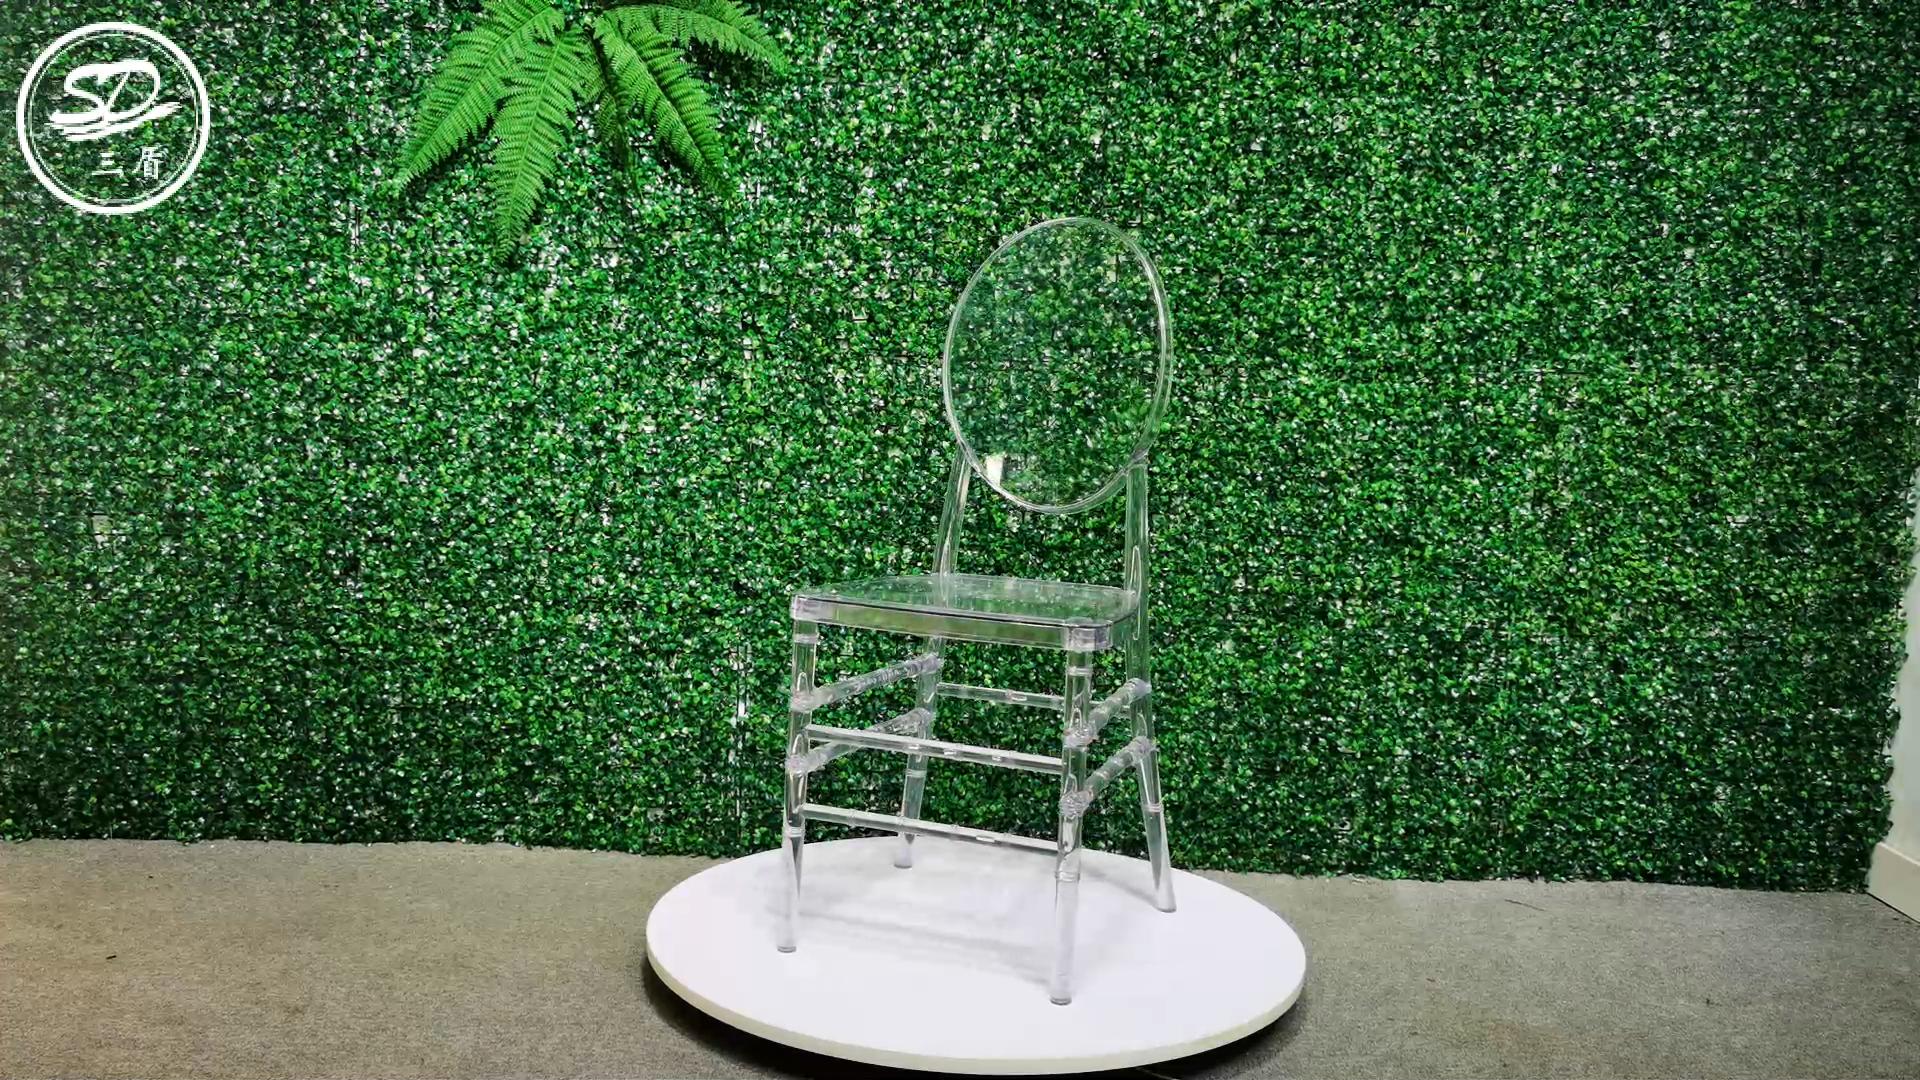 Rodada de Volta Cadeira de Design Cadeira de Acrílico Cristal Resina Do Casamento Do Partido Do Evento AC-010